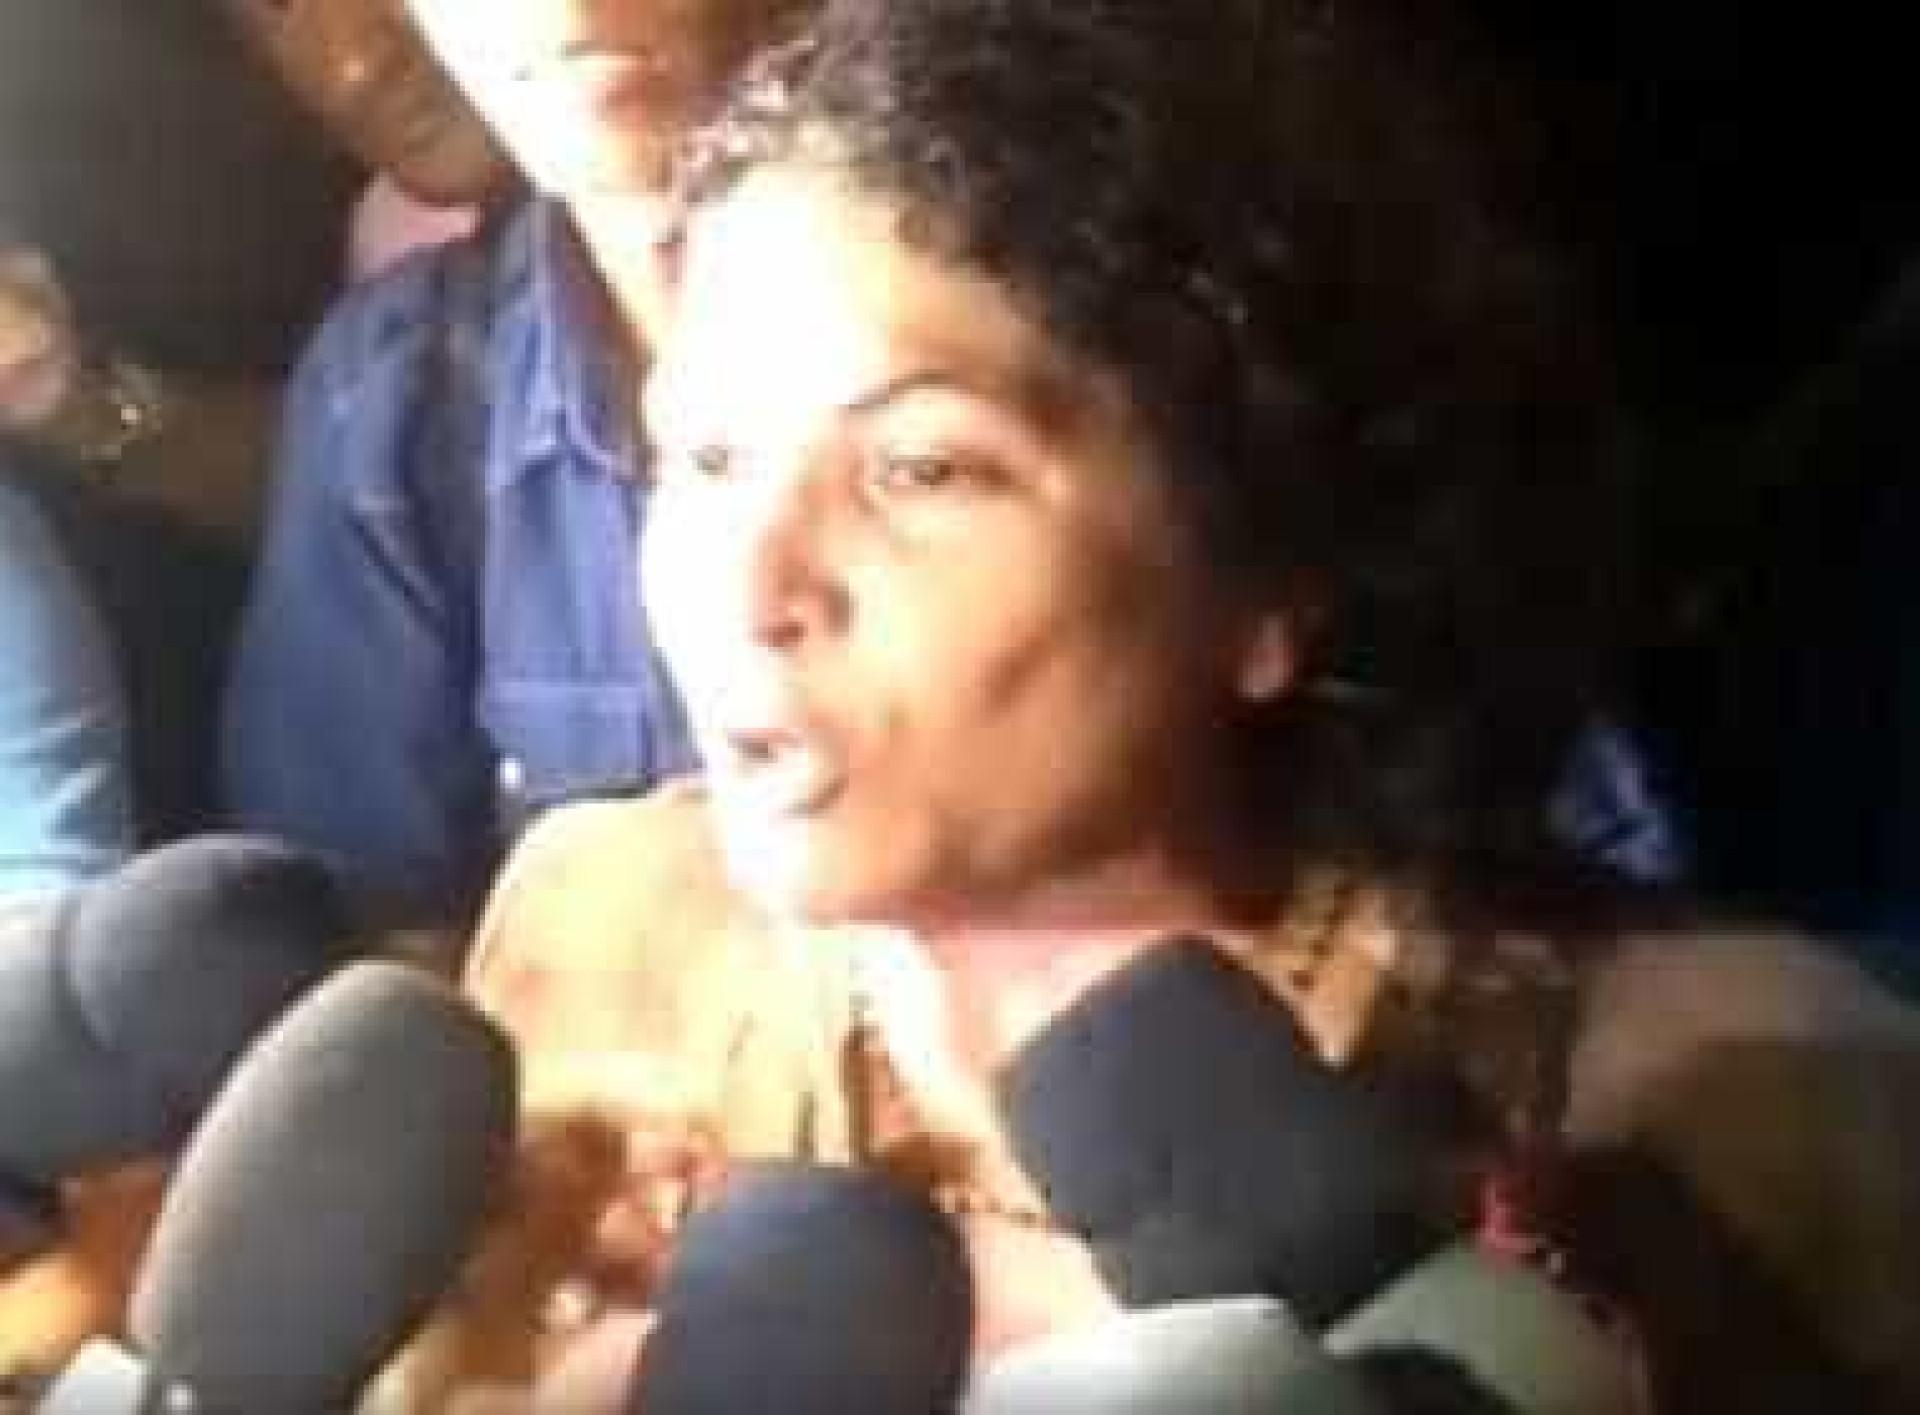 'Ninguém sabe como' Kátia Abreu foi inocentada, desabafa mãe de vítimas